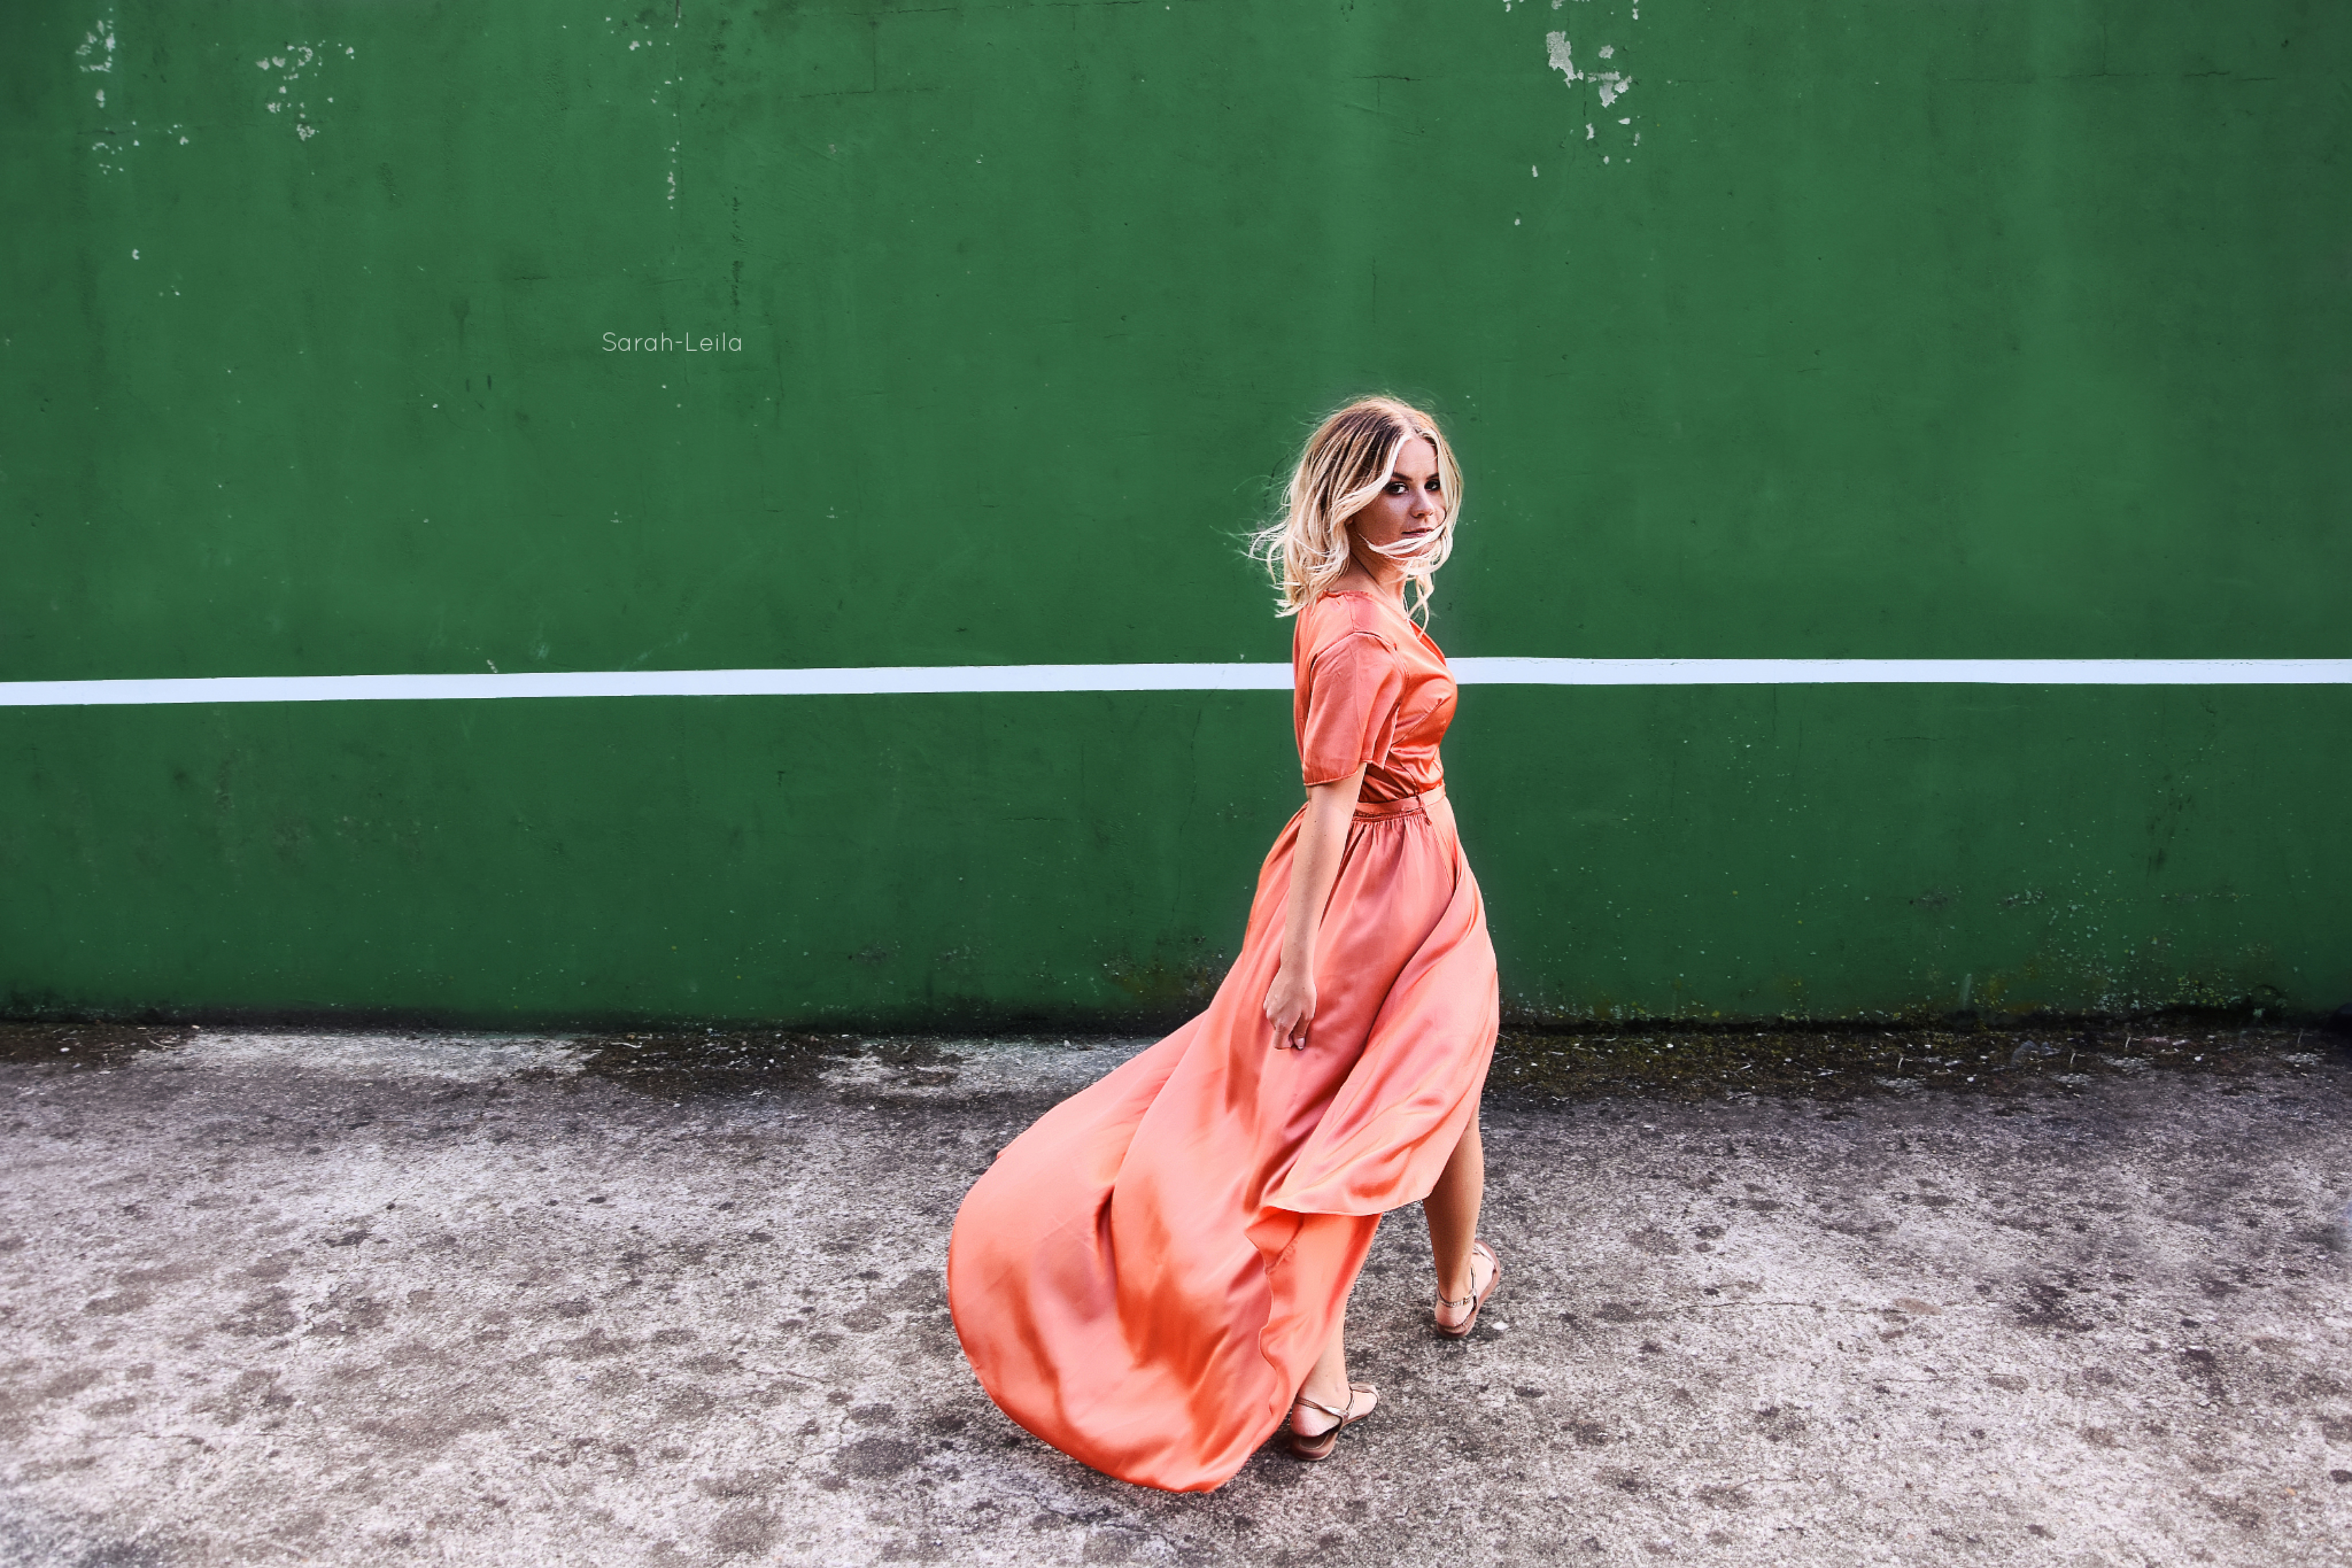 Sarah-Leila Photographie /Galerie séance individuelle